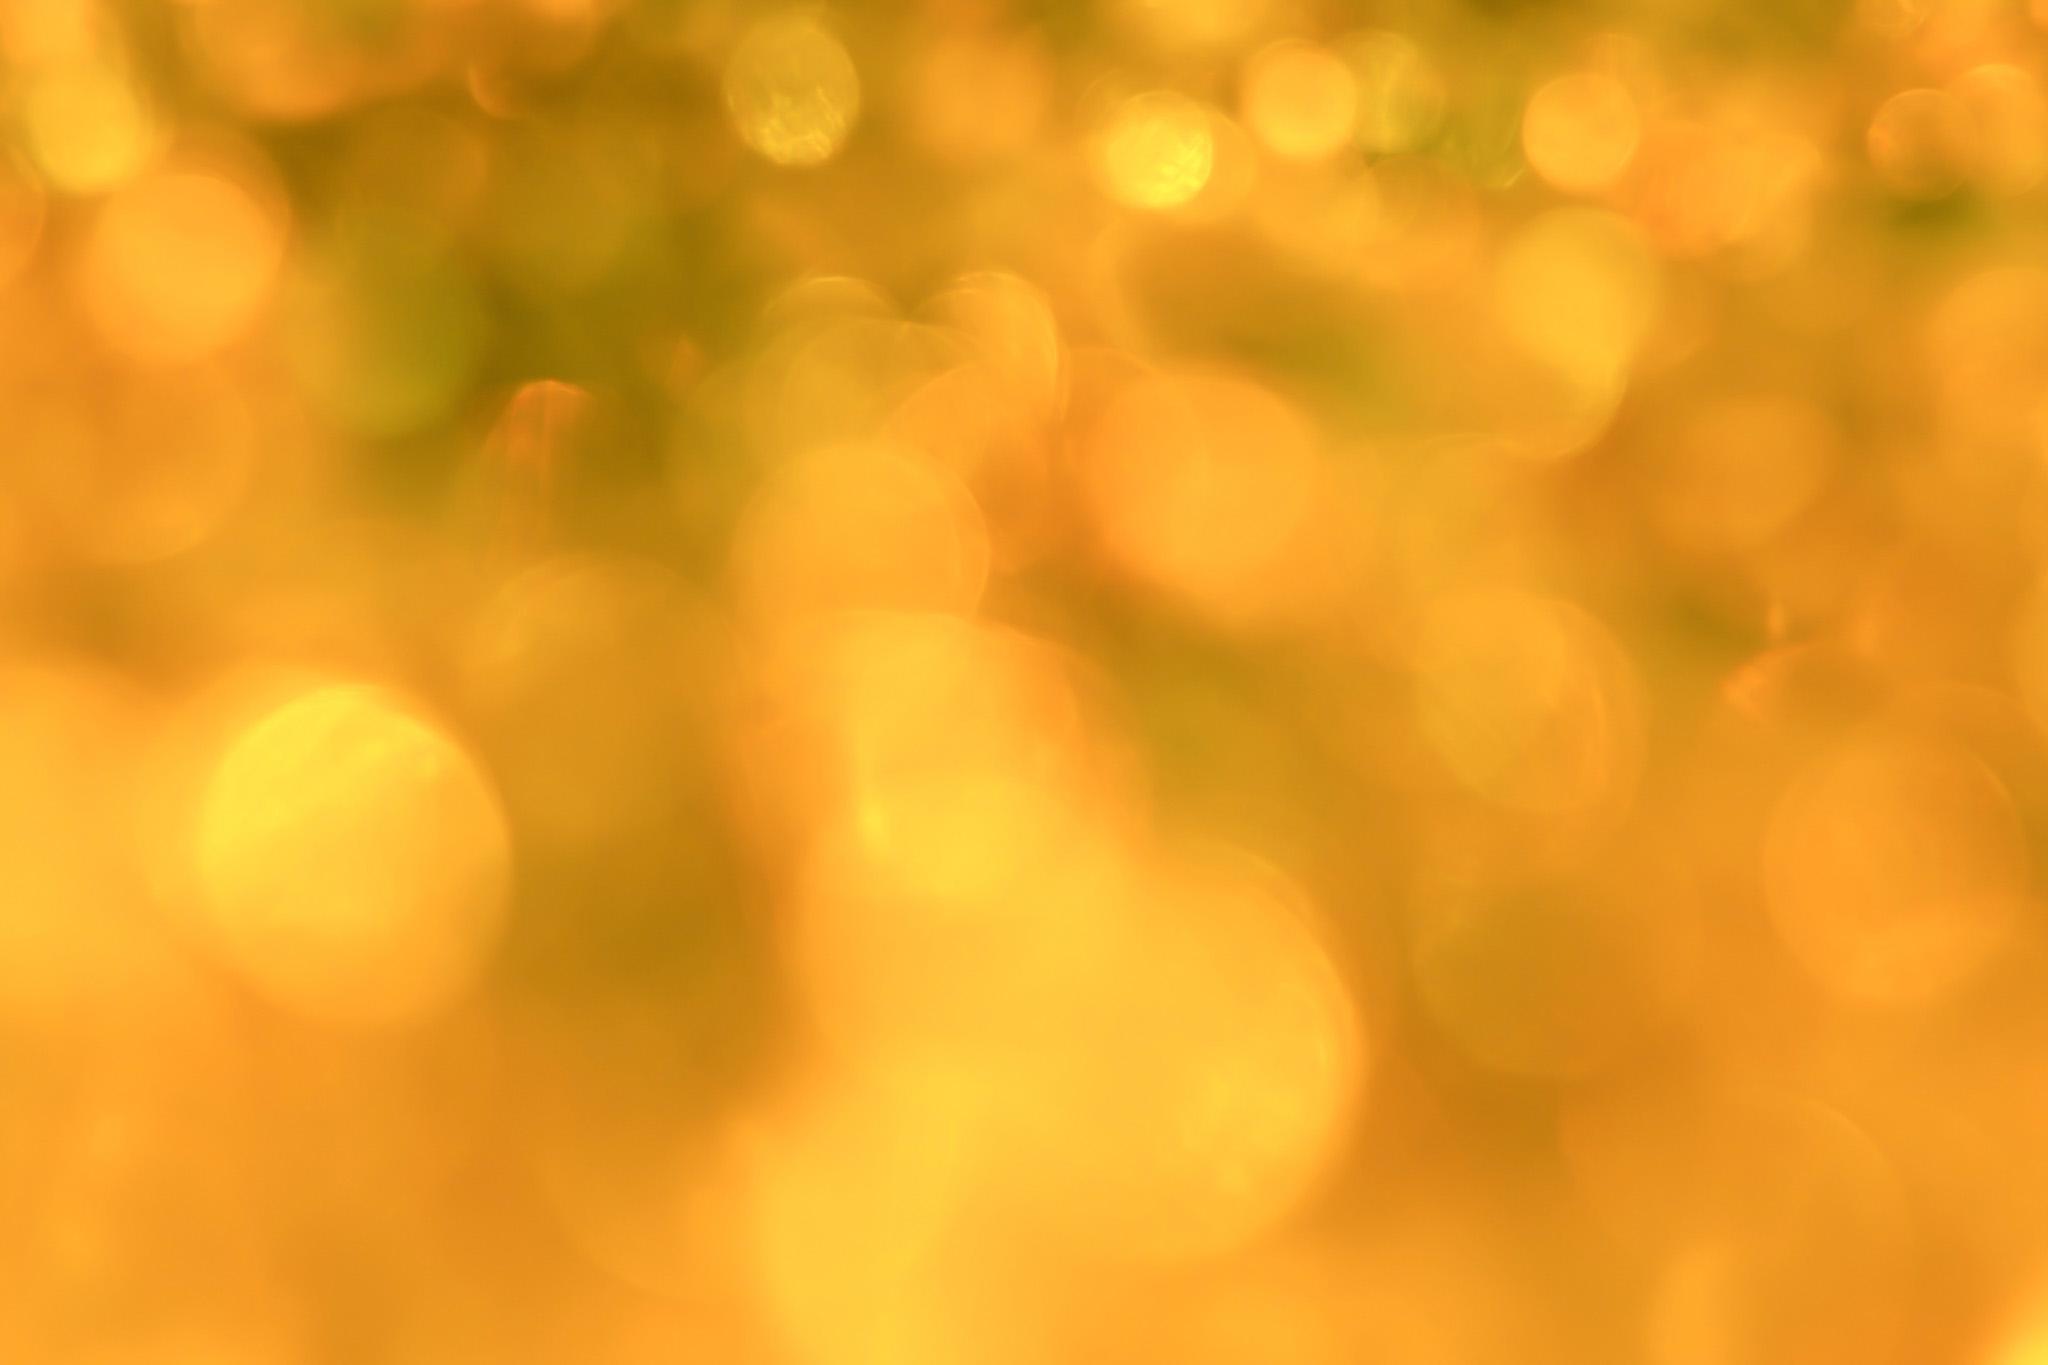 「黄色のイルミネーション」の素材を無料ダウンロード